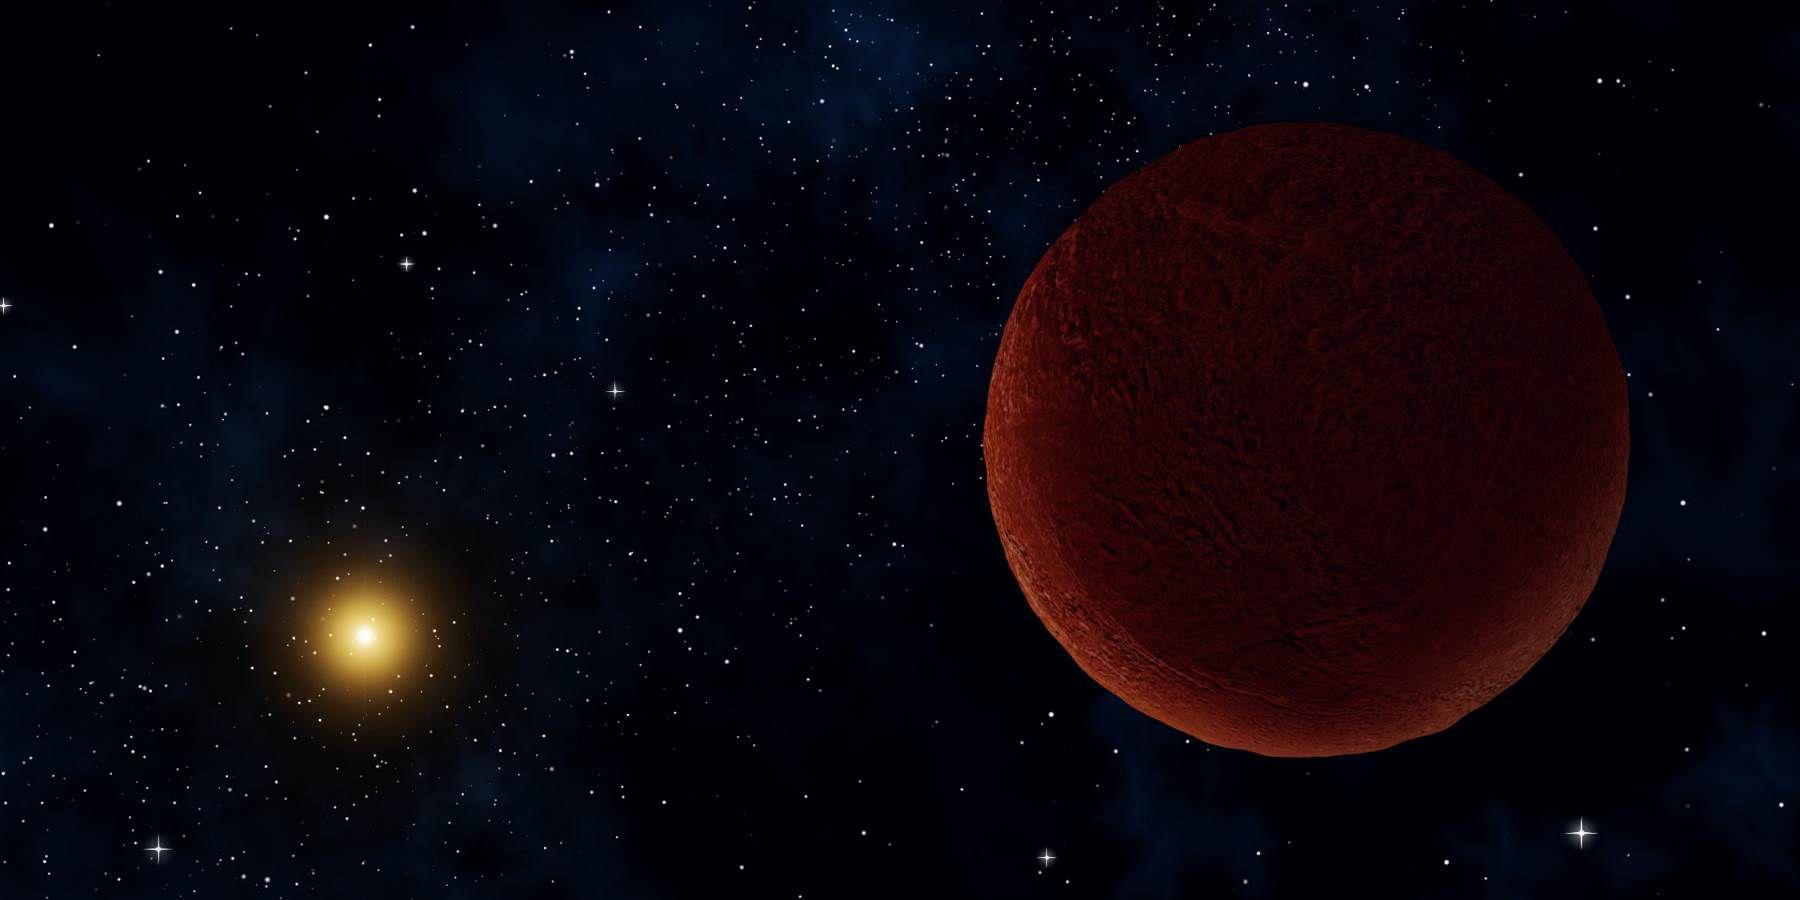 È stato appena confermato l'oggetto conosciuto più distante nel Sistema Solare